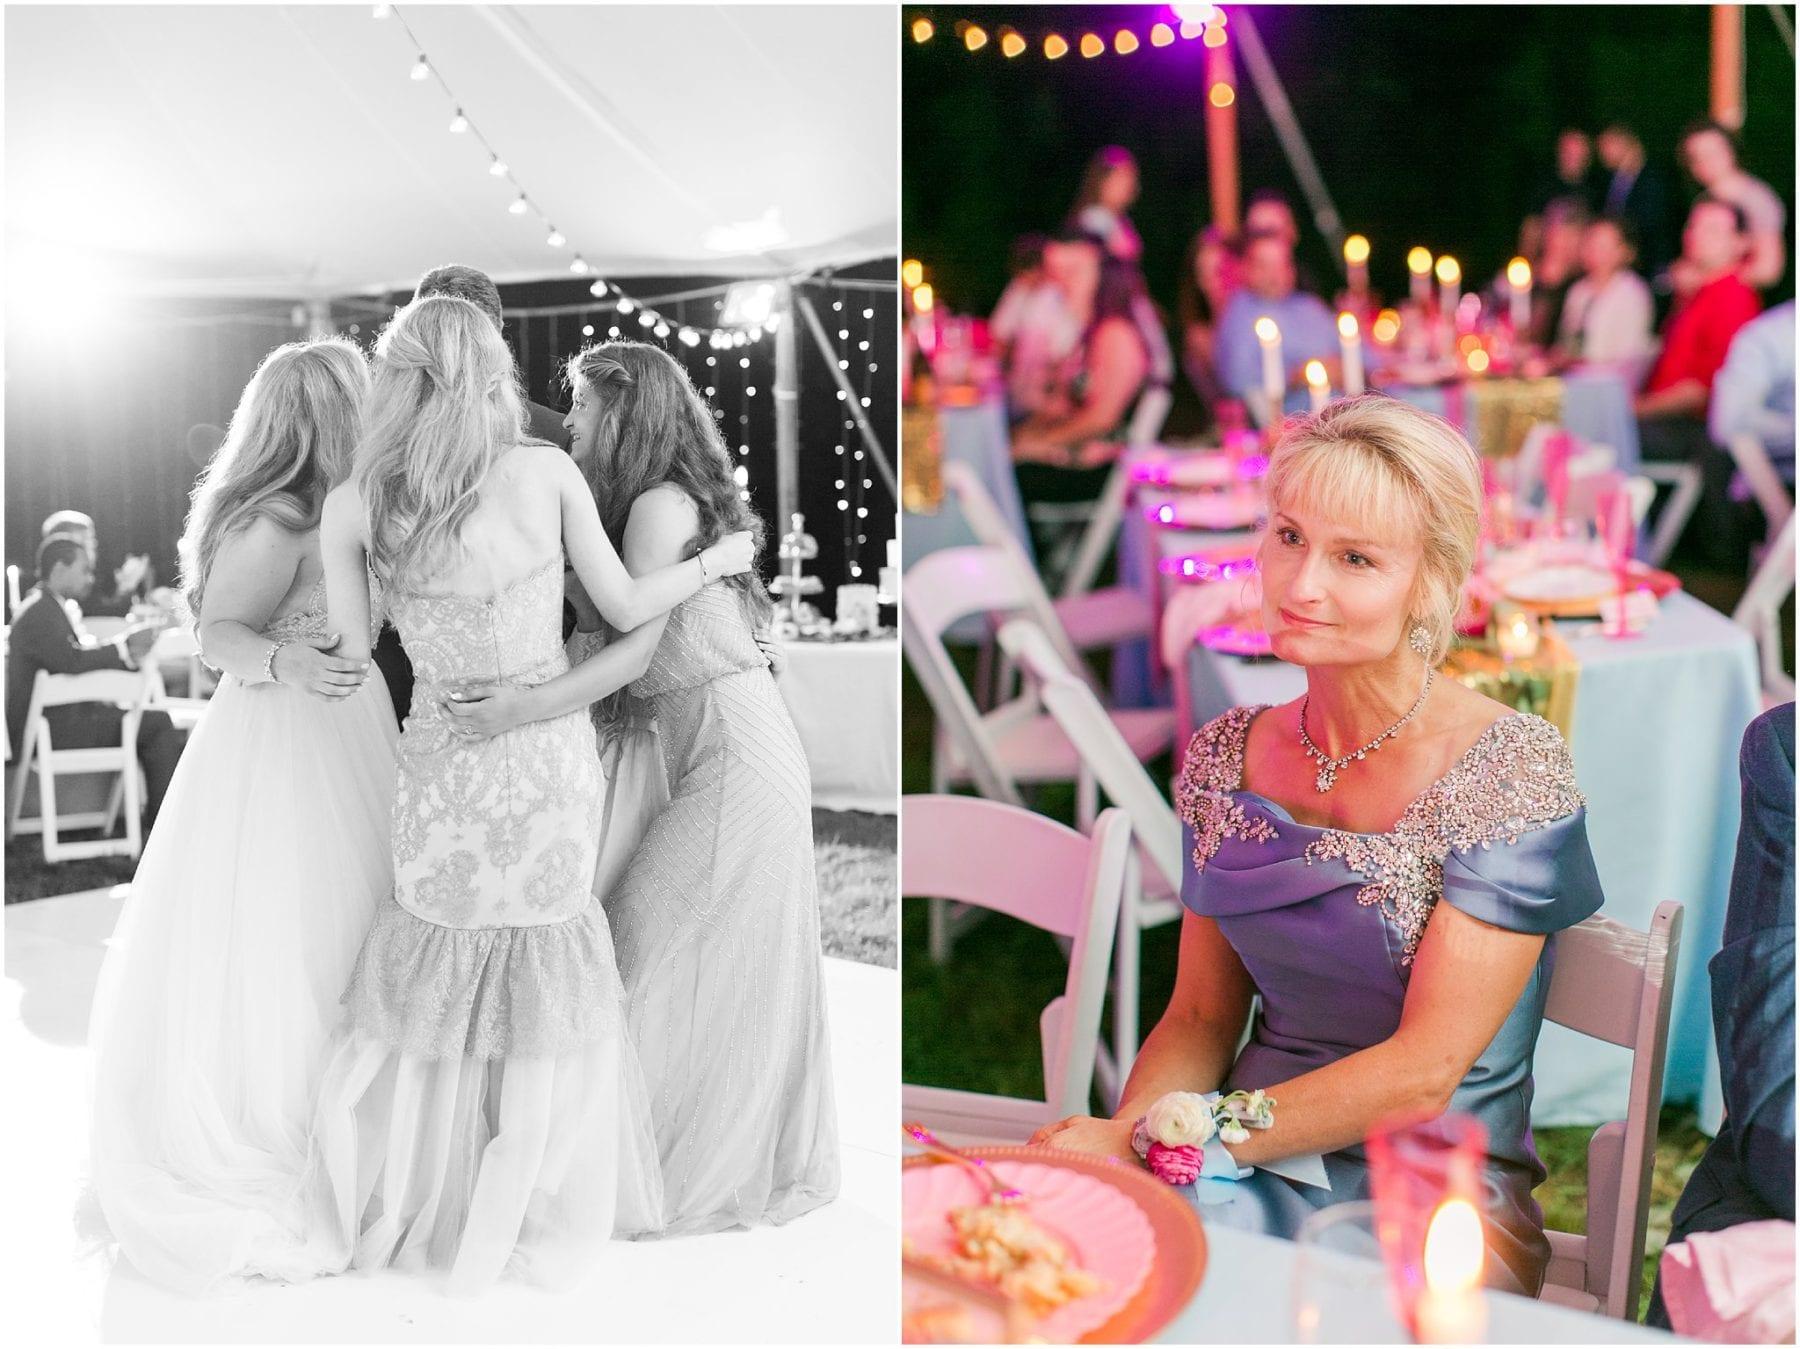 Maryland Backyard Wedding Photos Kelly & Zach Megan Kelsey Photography-309.jpg